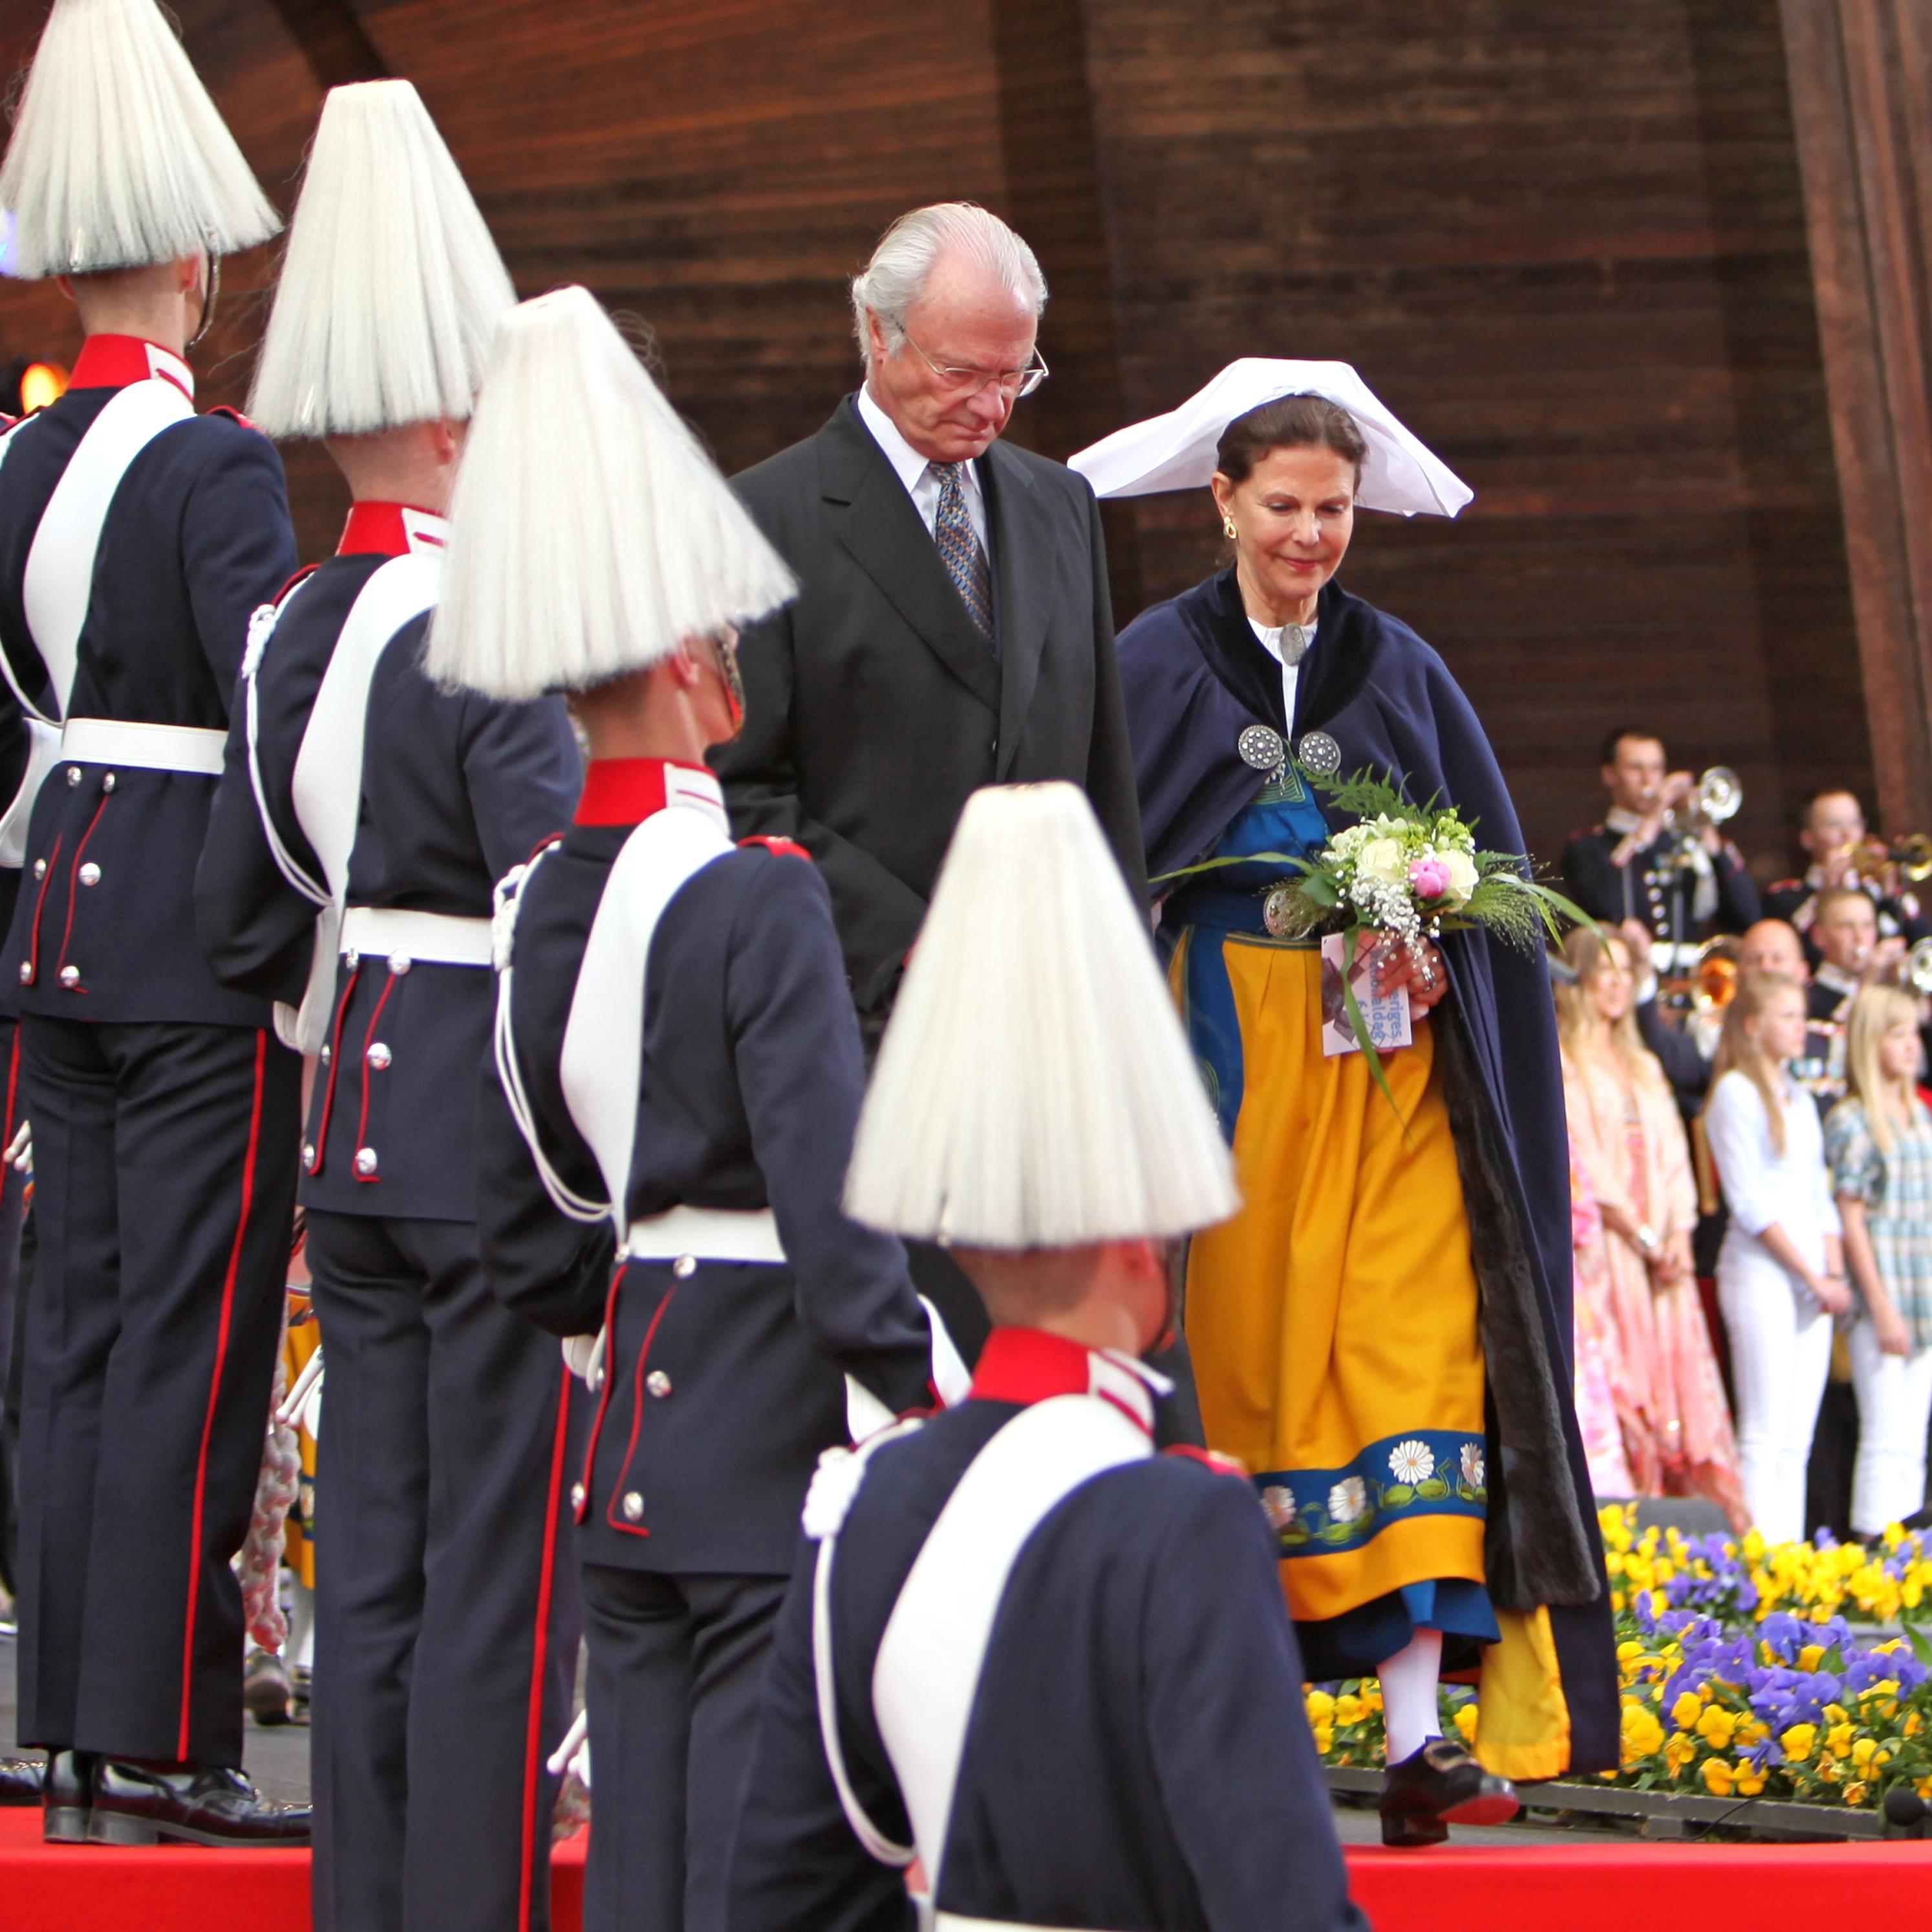 Los Reyes de Suecia celebrando el Día Nacional de Suecia